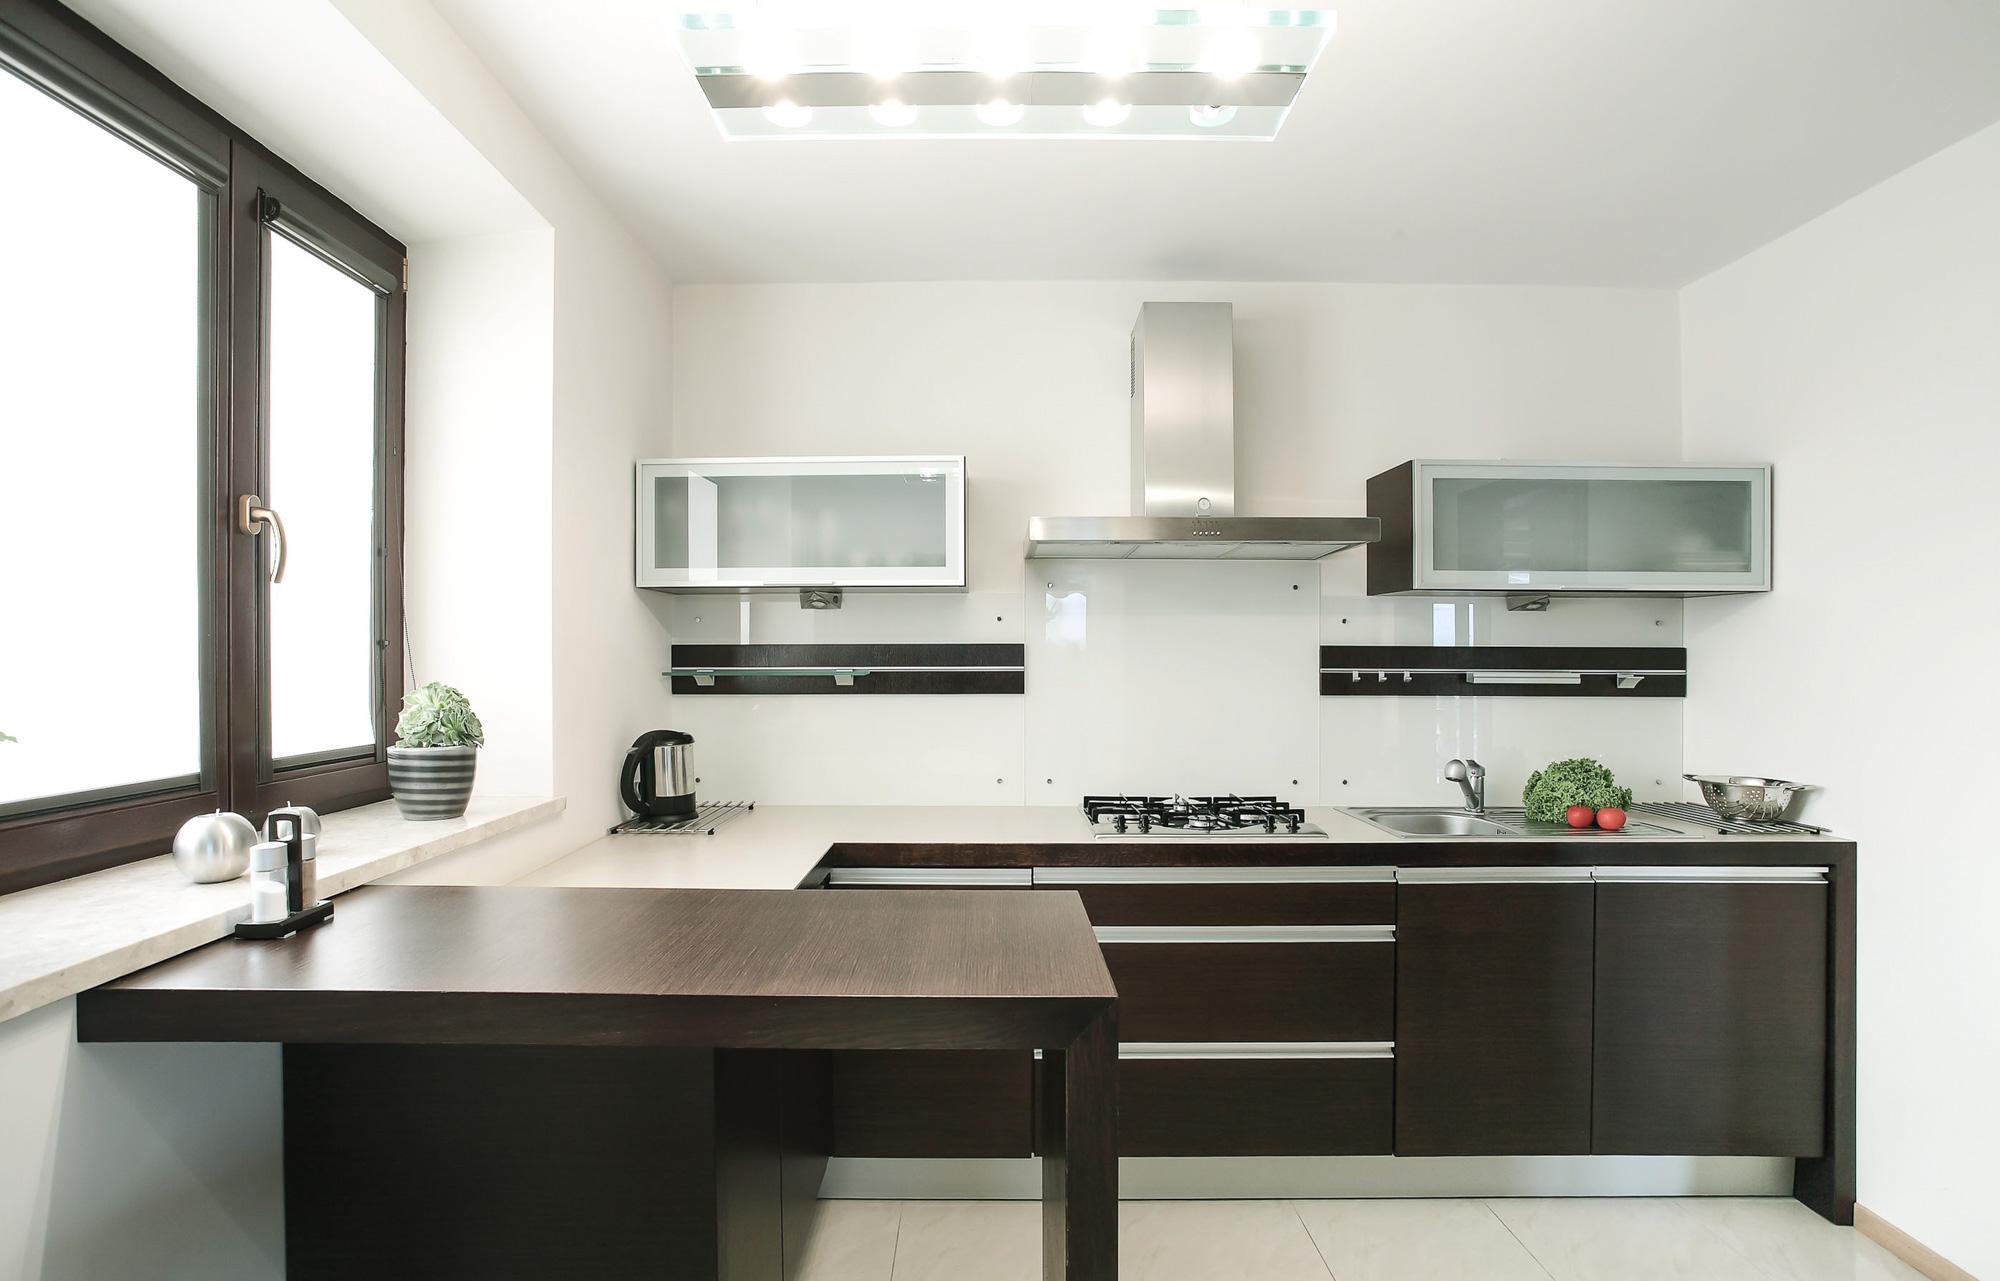 kuchnia-nowoczesna-meble-kuchenne-na-wymiar-kraków